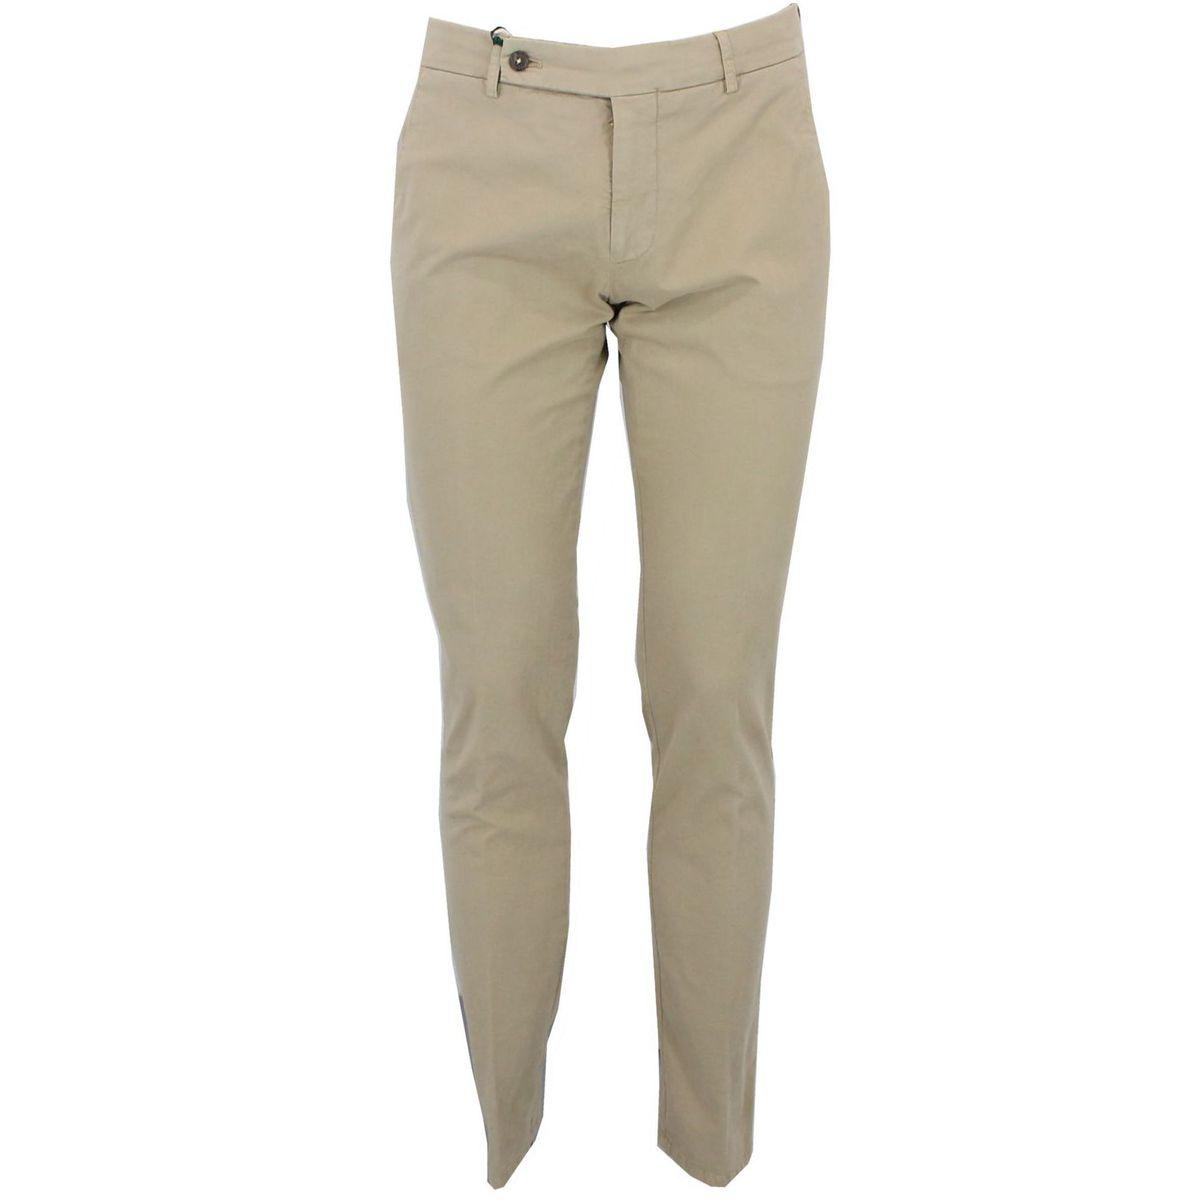 Pantalone in cotone Beige Berwich